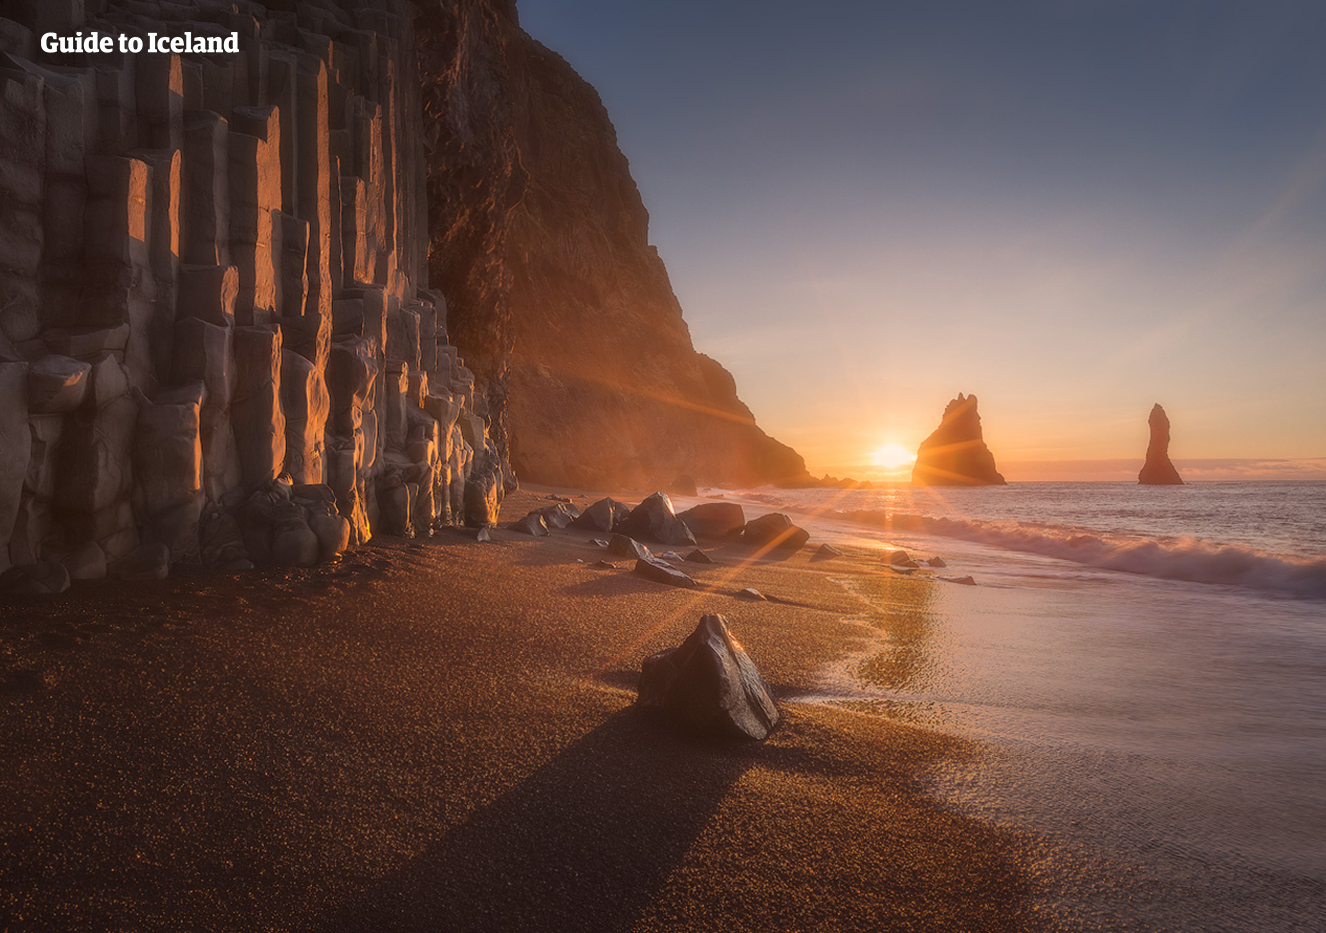 Den schwarzen Sandstrand Reynisfjara darf man bei einer Islandreise nicht verpassen.